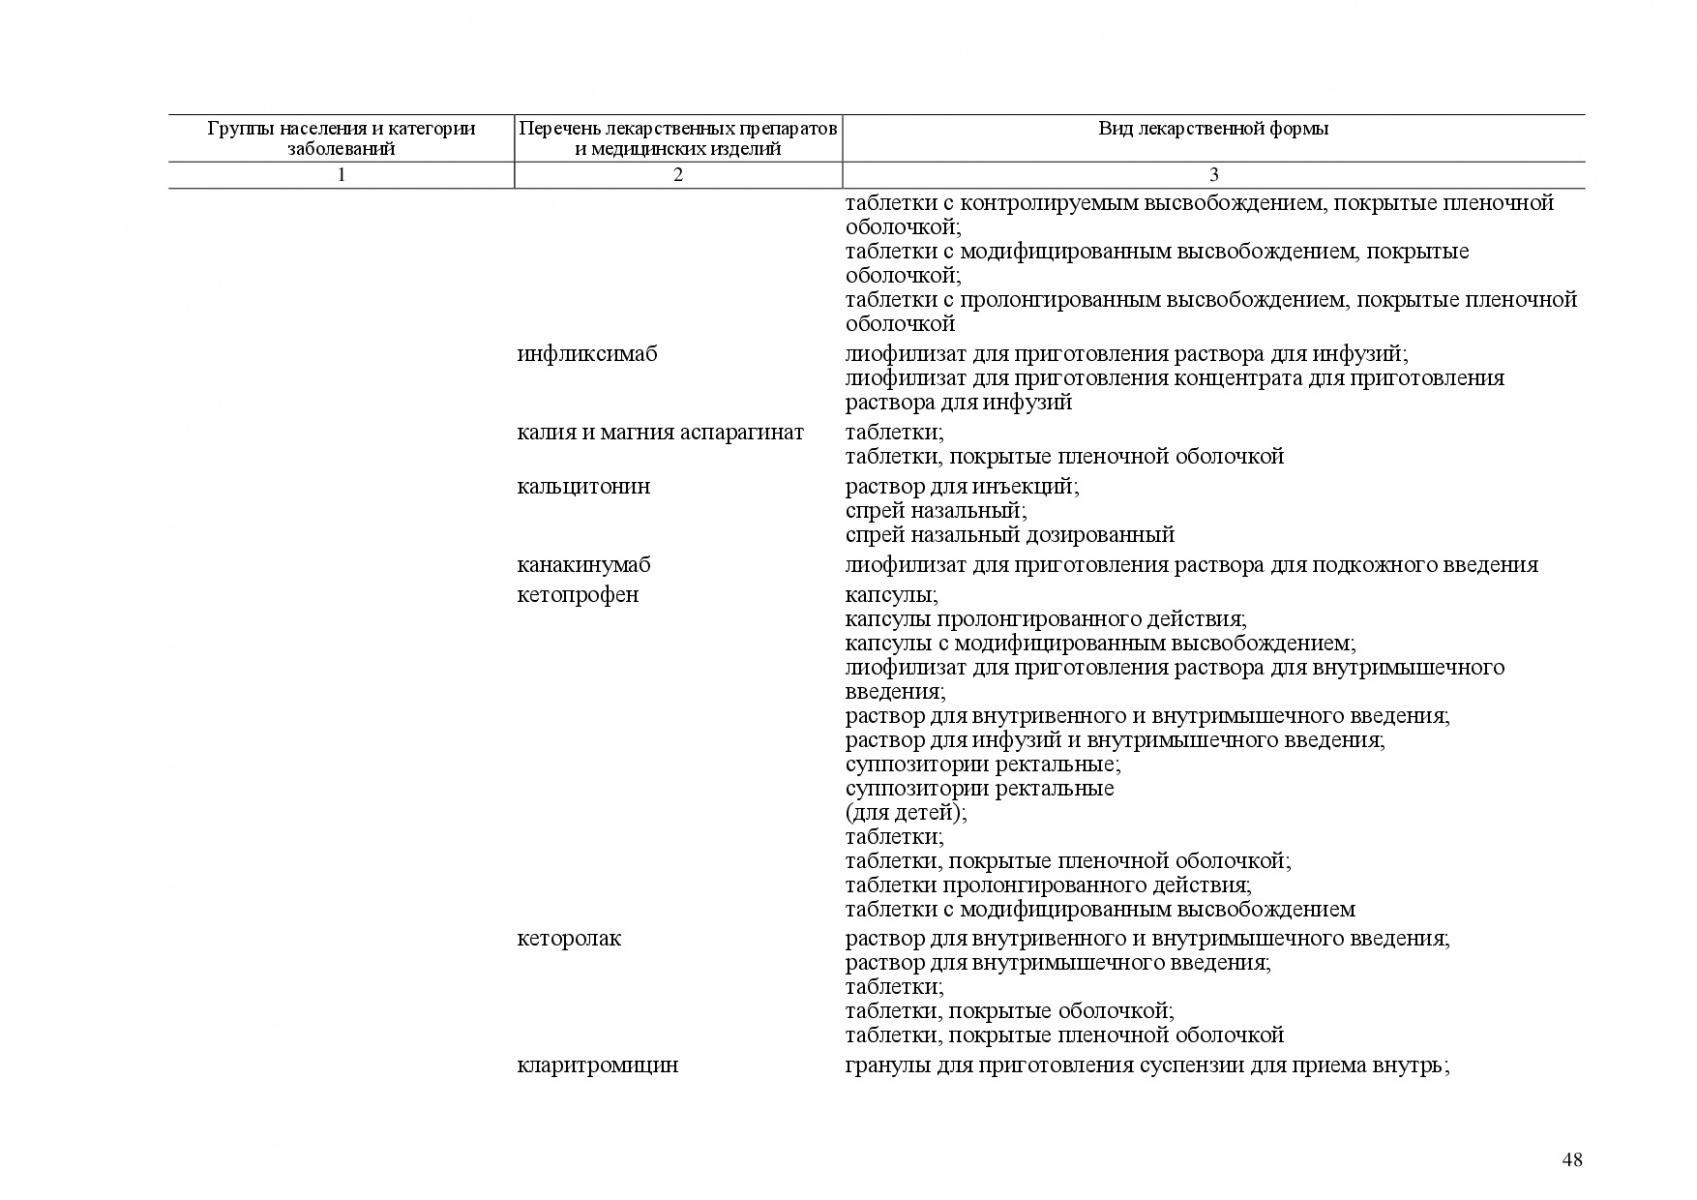 Prilozhenie-6-127-OD-048